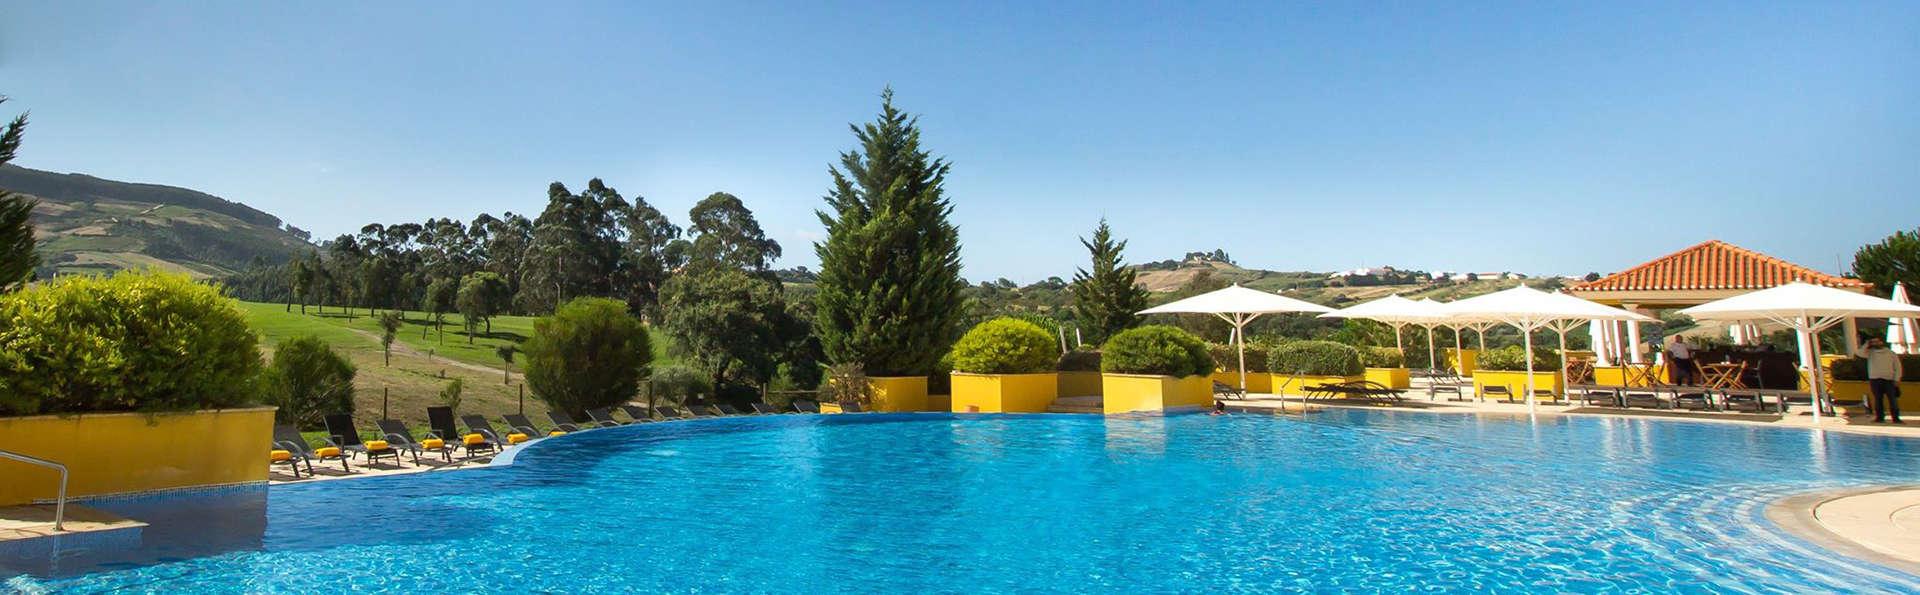 Escapada romántica con acceso al Spa en un lujoso hotel en Turcifal